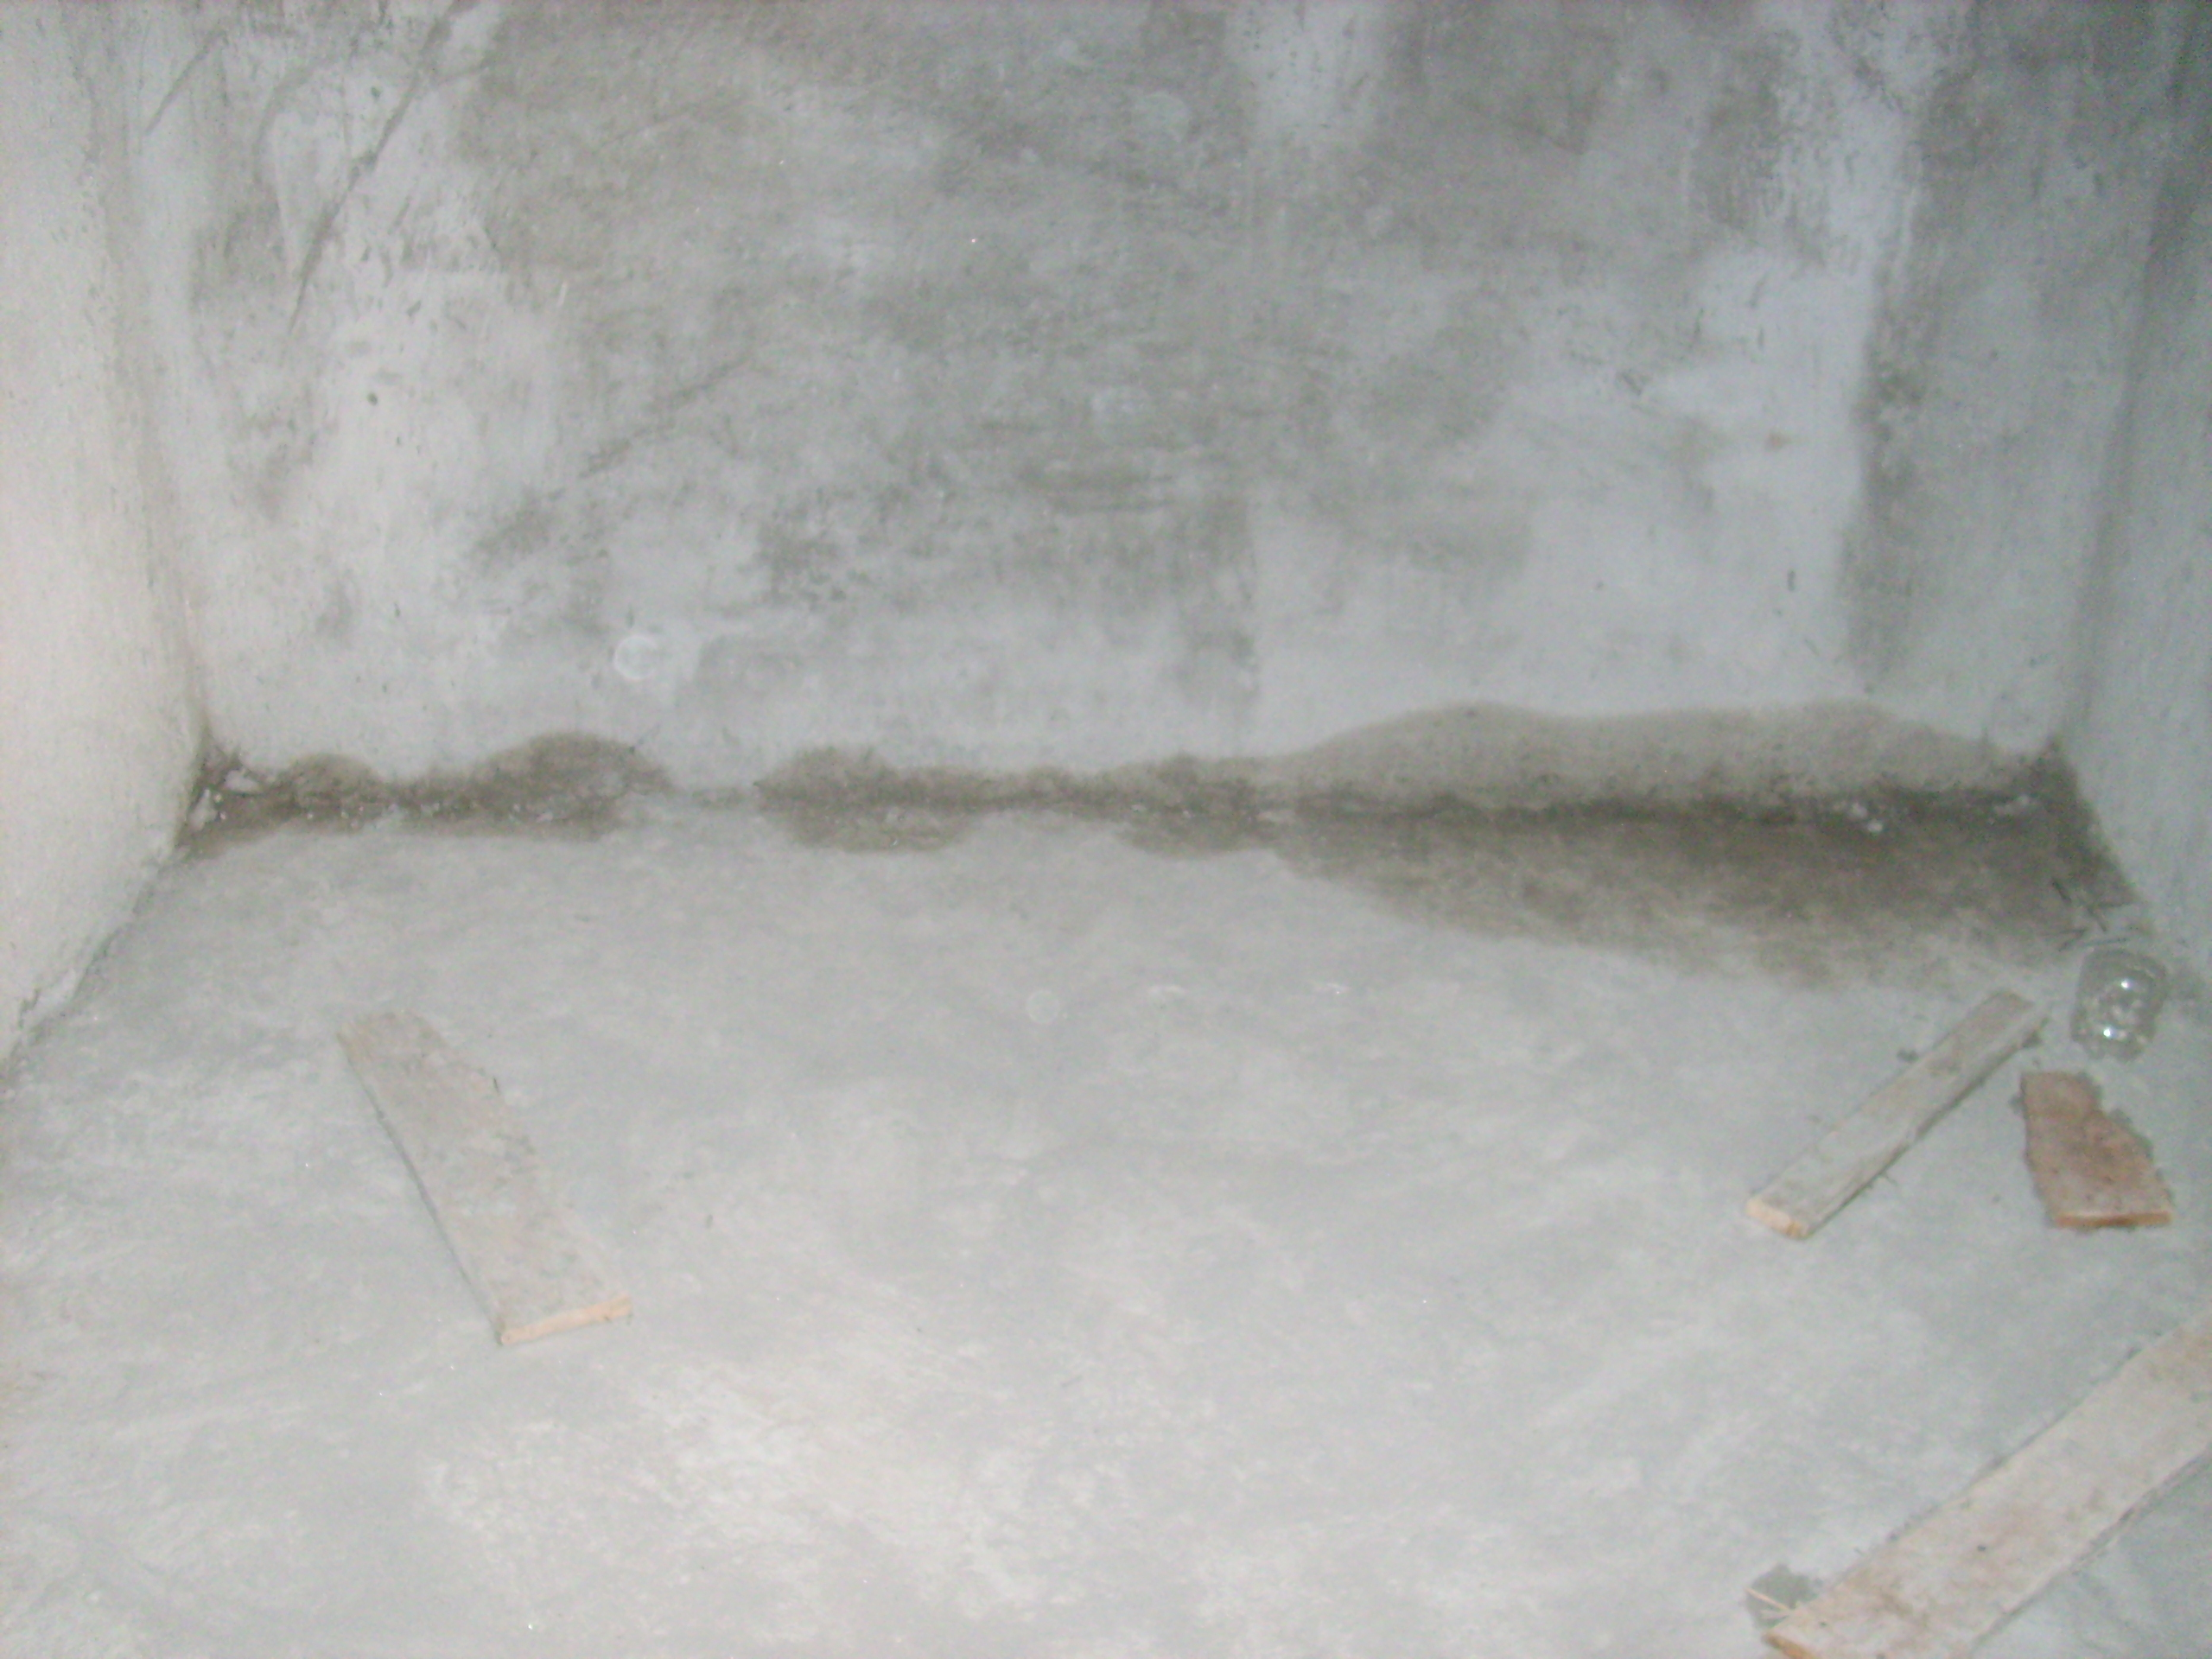 Aplicarea tratamentelor de impermeabilizare - Vila Rosu UNICO PROFIT - Poza 6